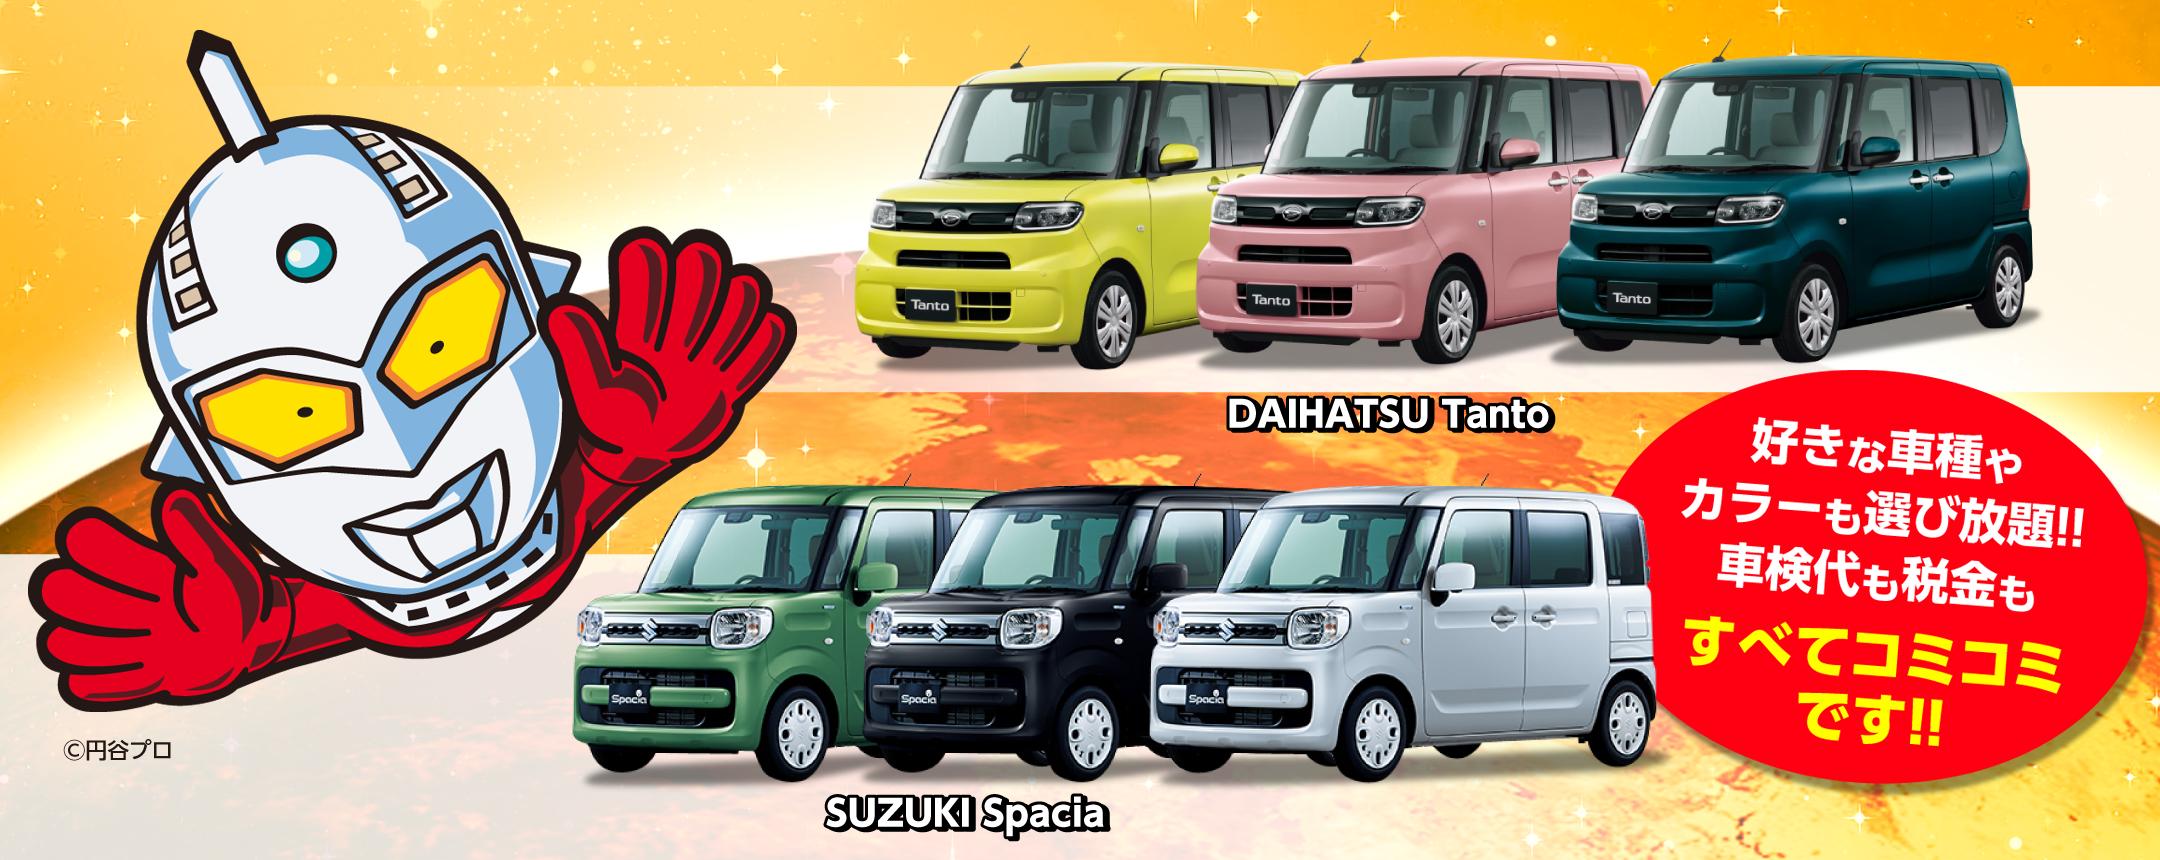 オールメーカー、人気の軽自動車が選べる東広島市カーリースならフラット7東広島